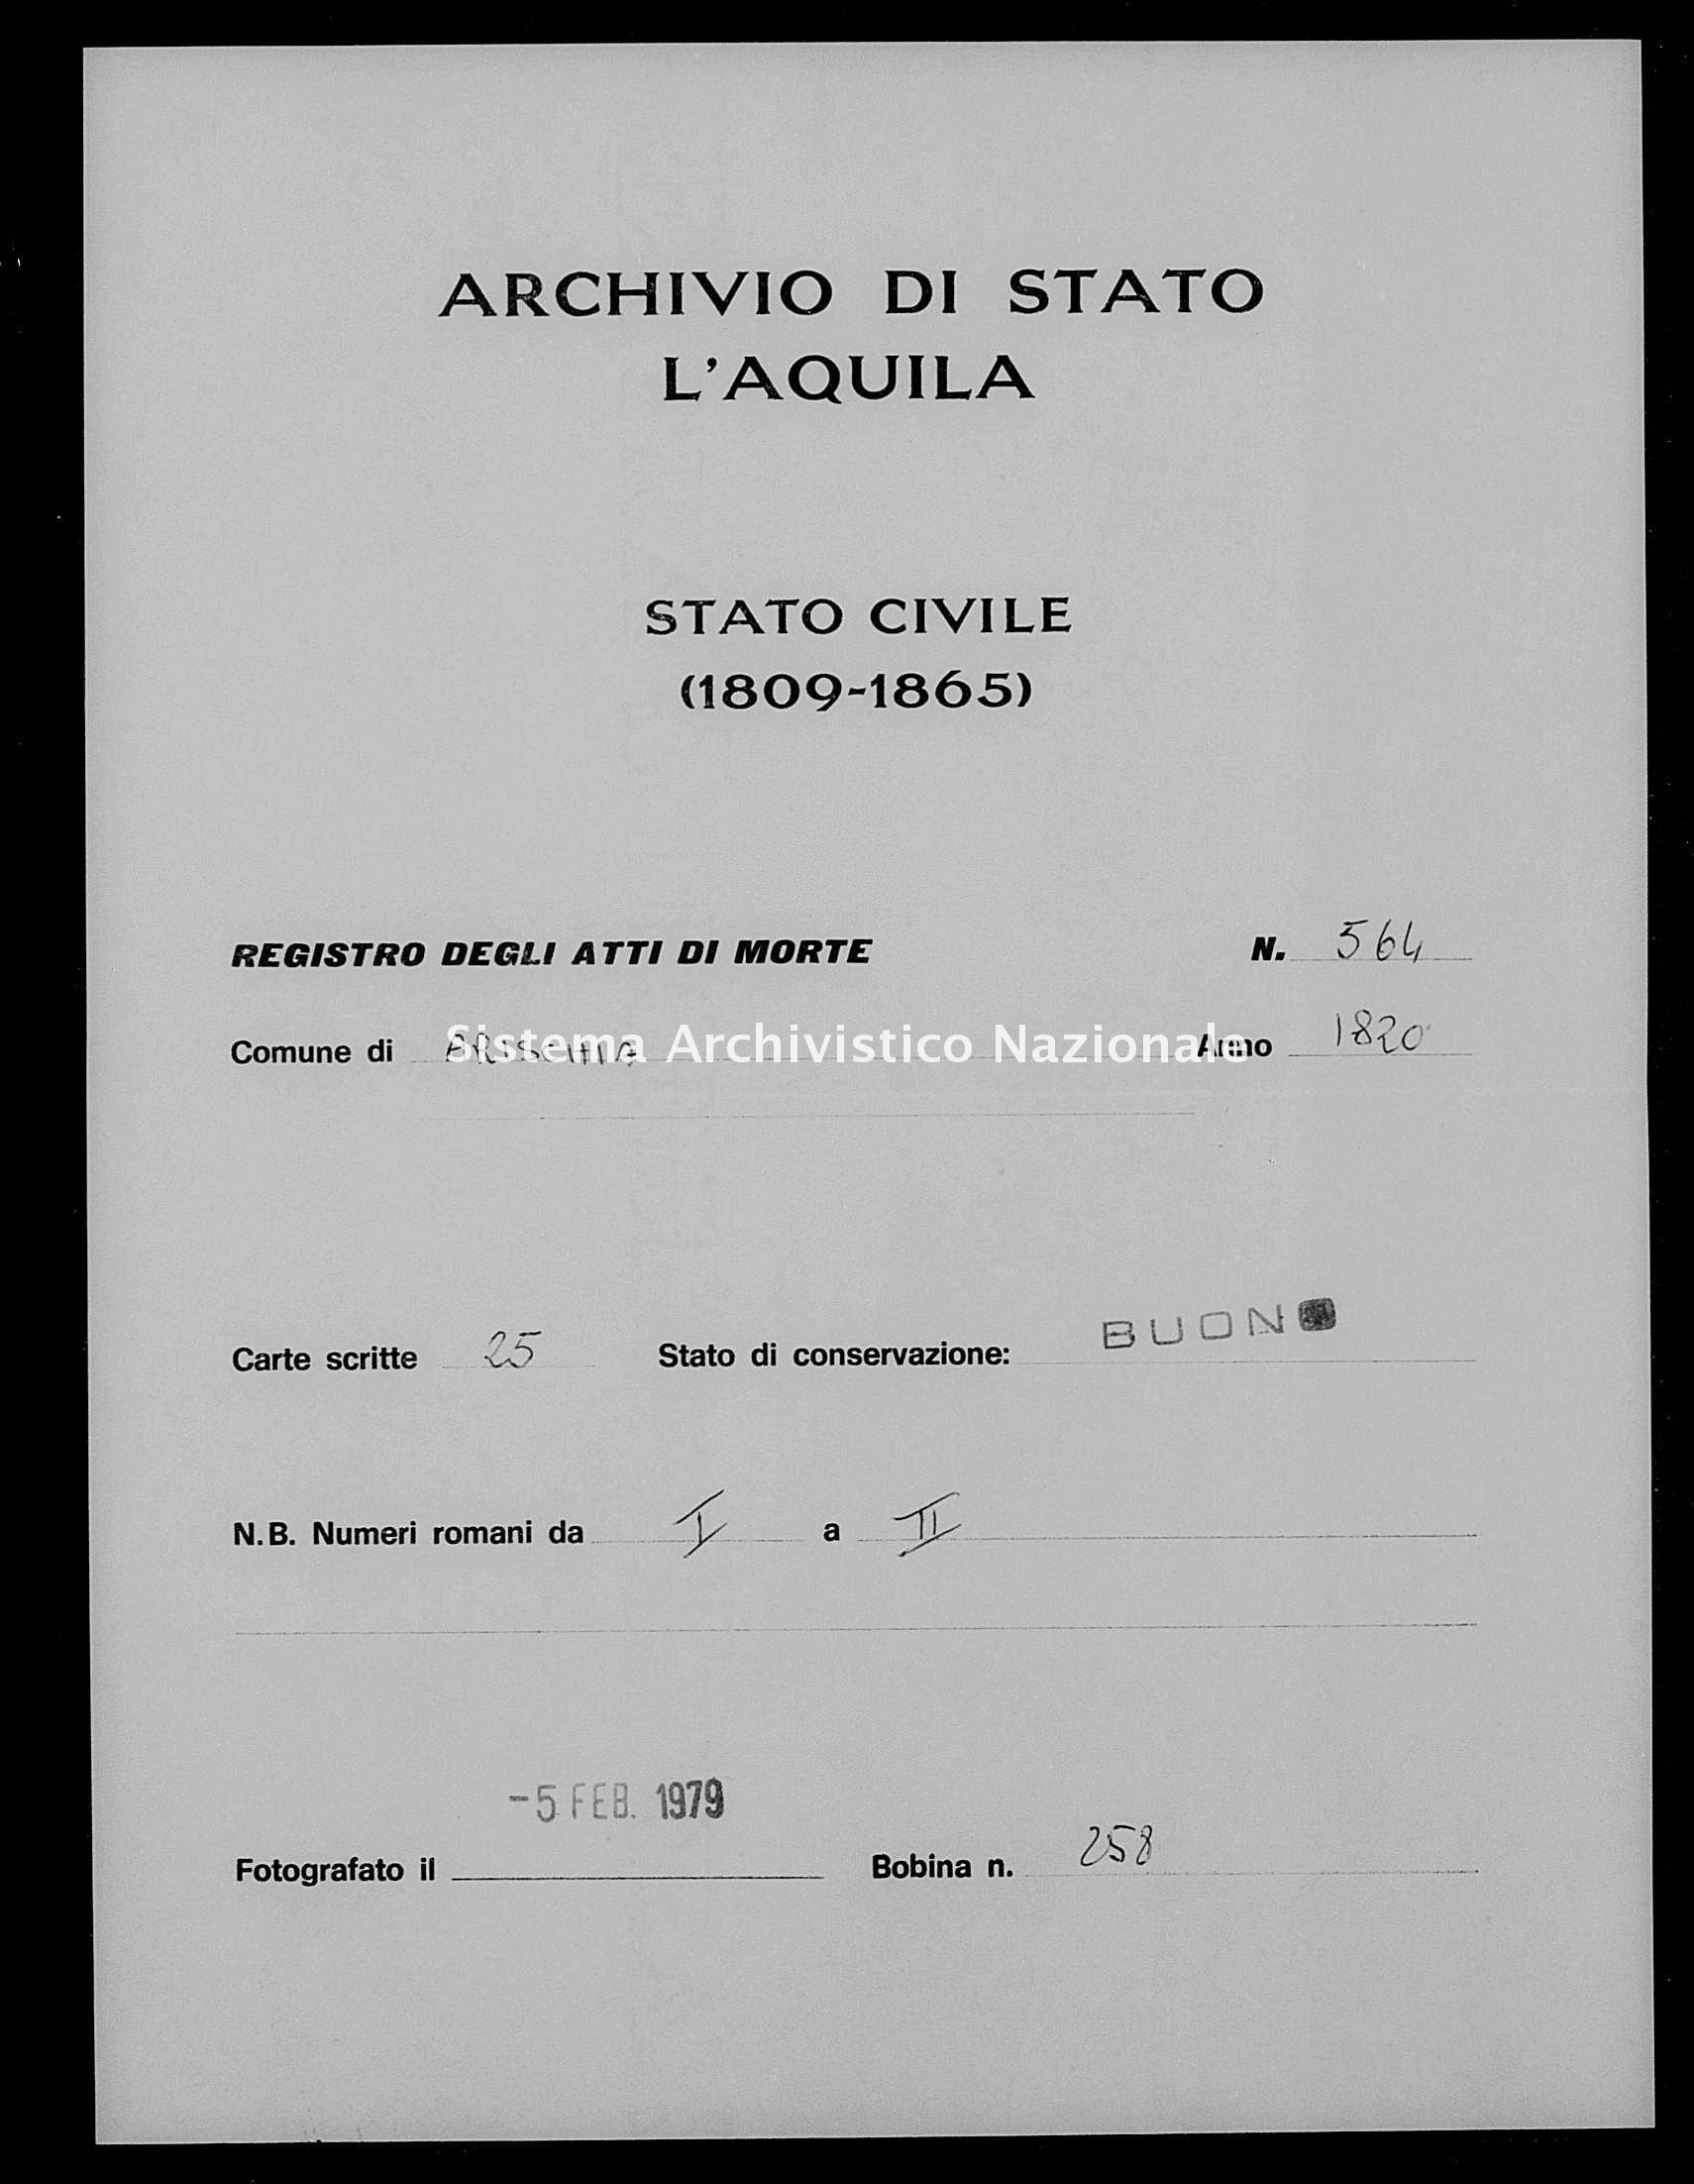 Archivio di stato di L'aquila - Stato civile della restaurazione - Arischia - Morti - 1820 - 564 -